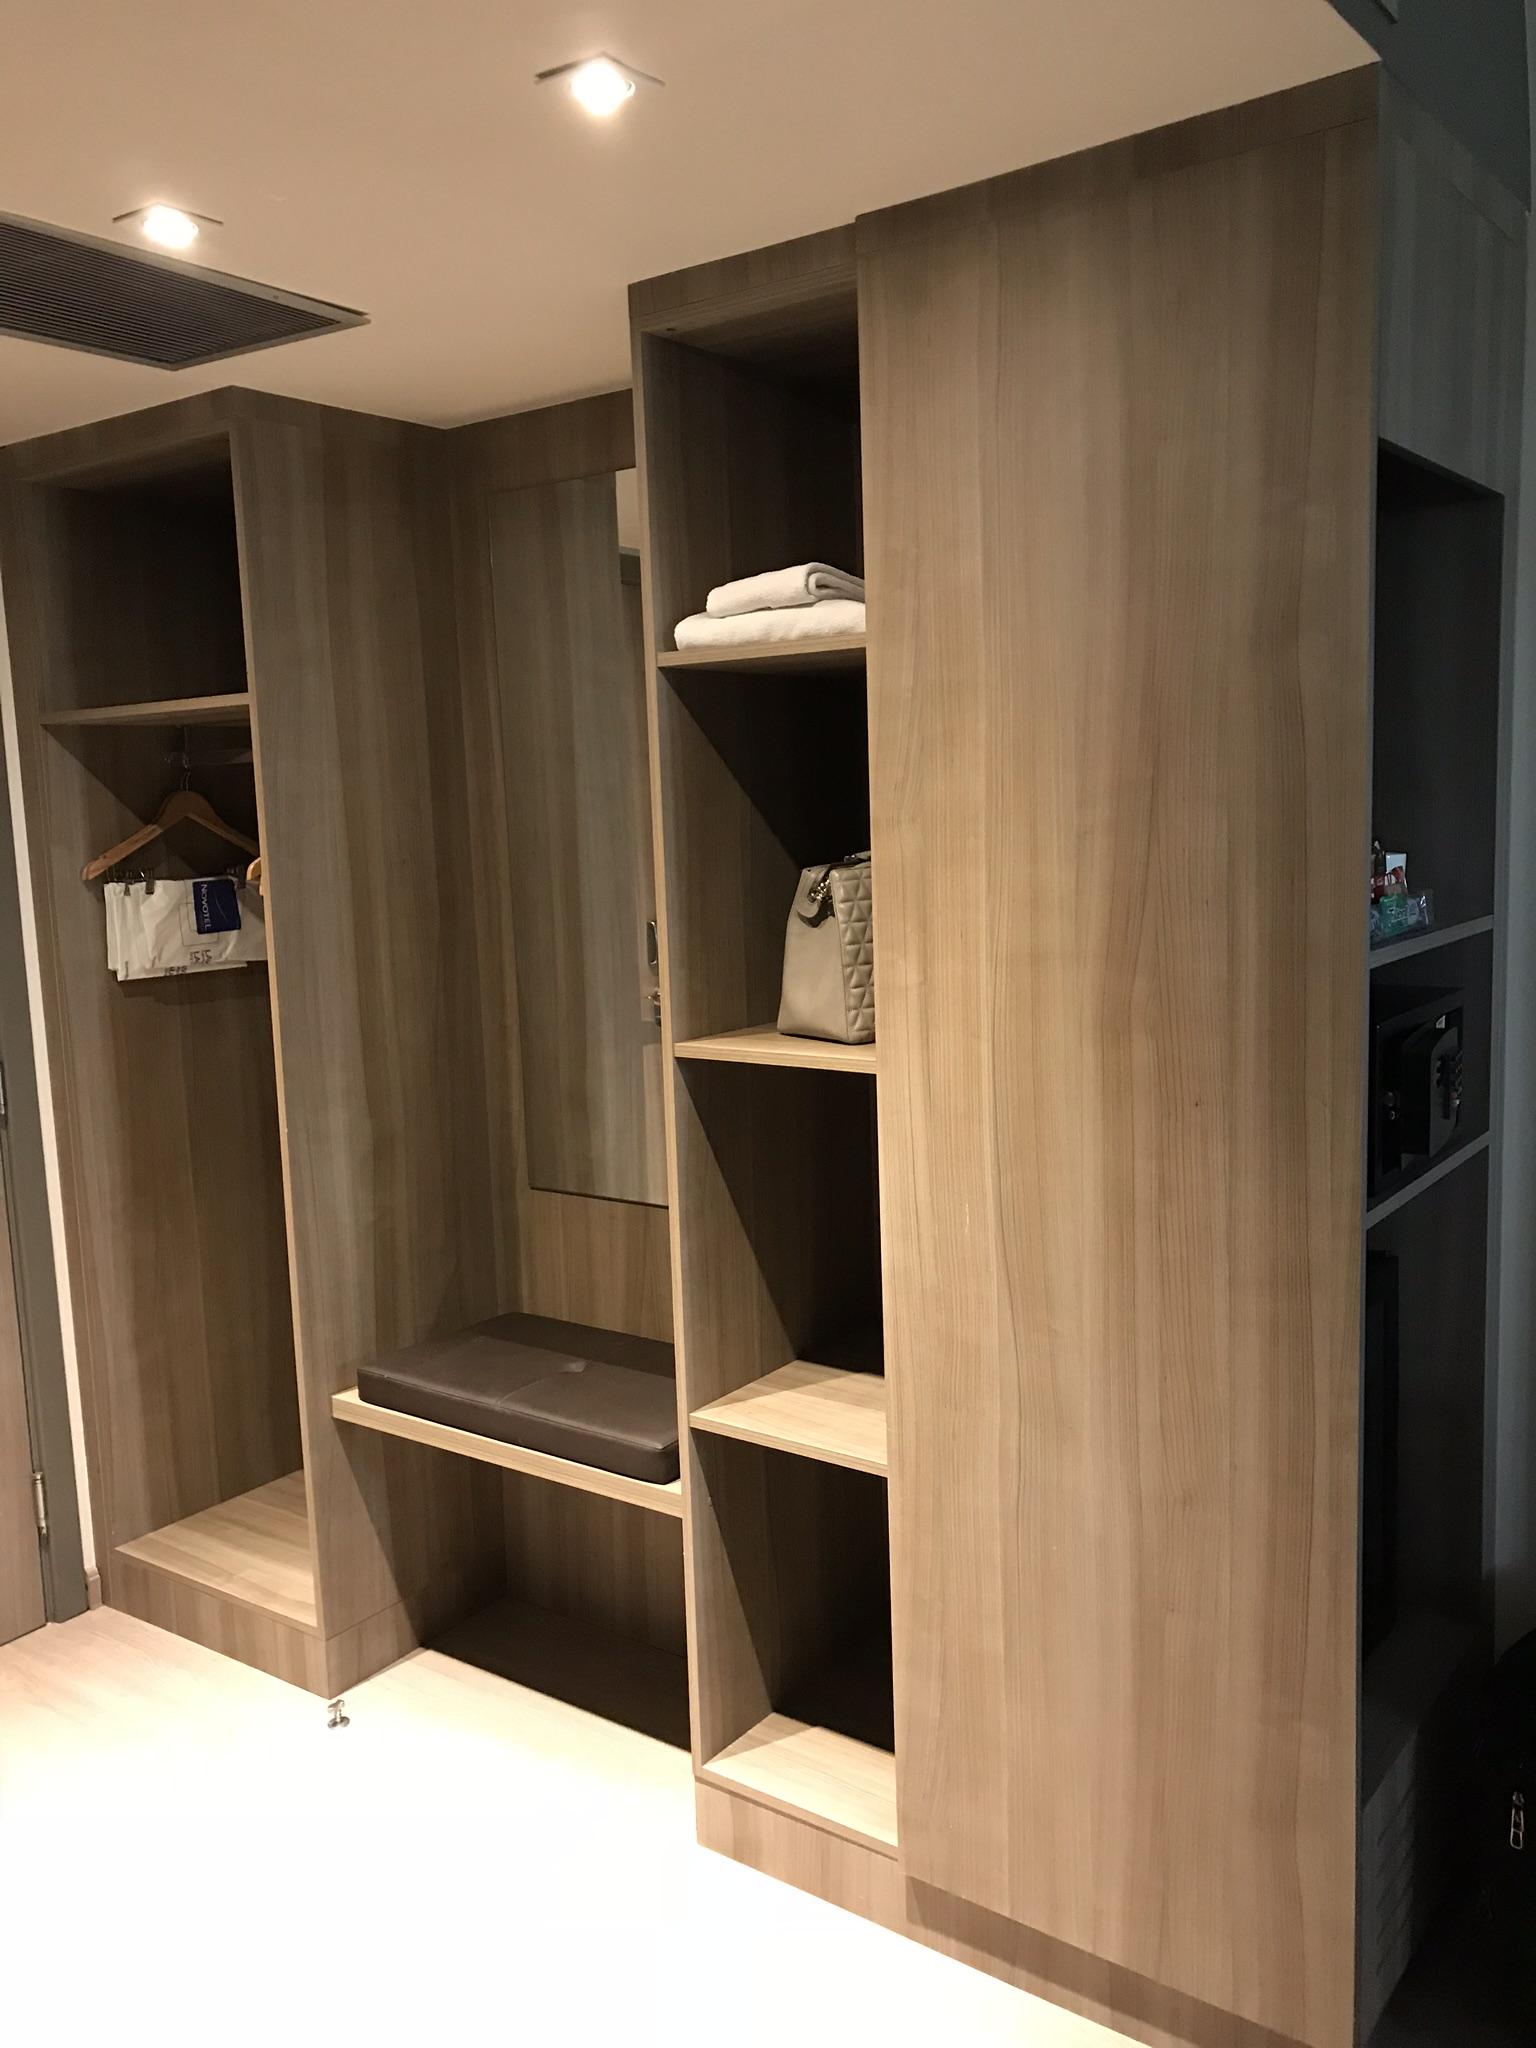 armário do quarto do novotel parque olímpico